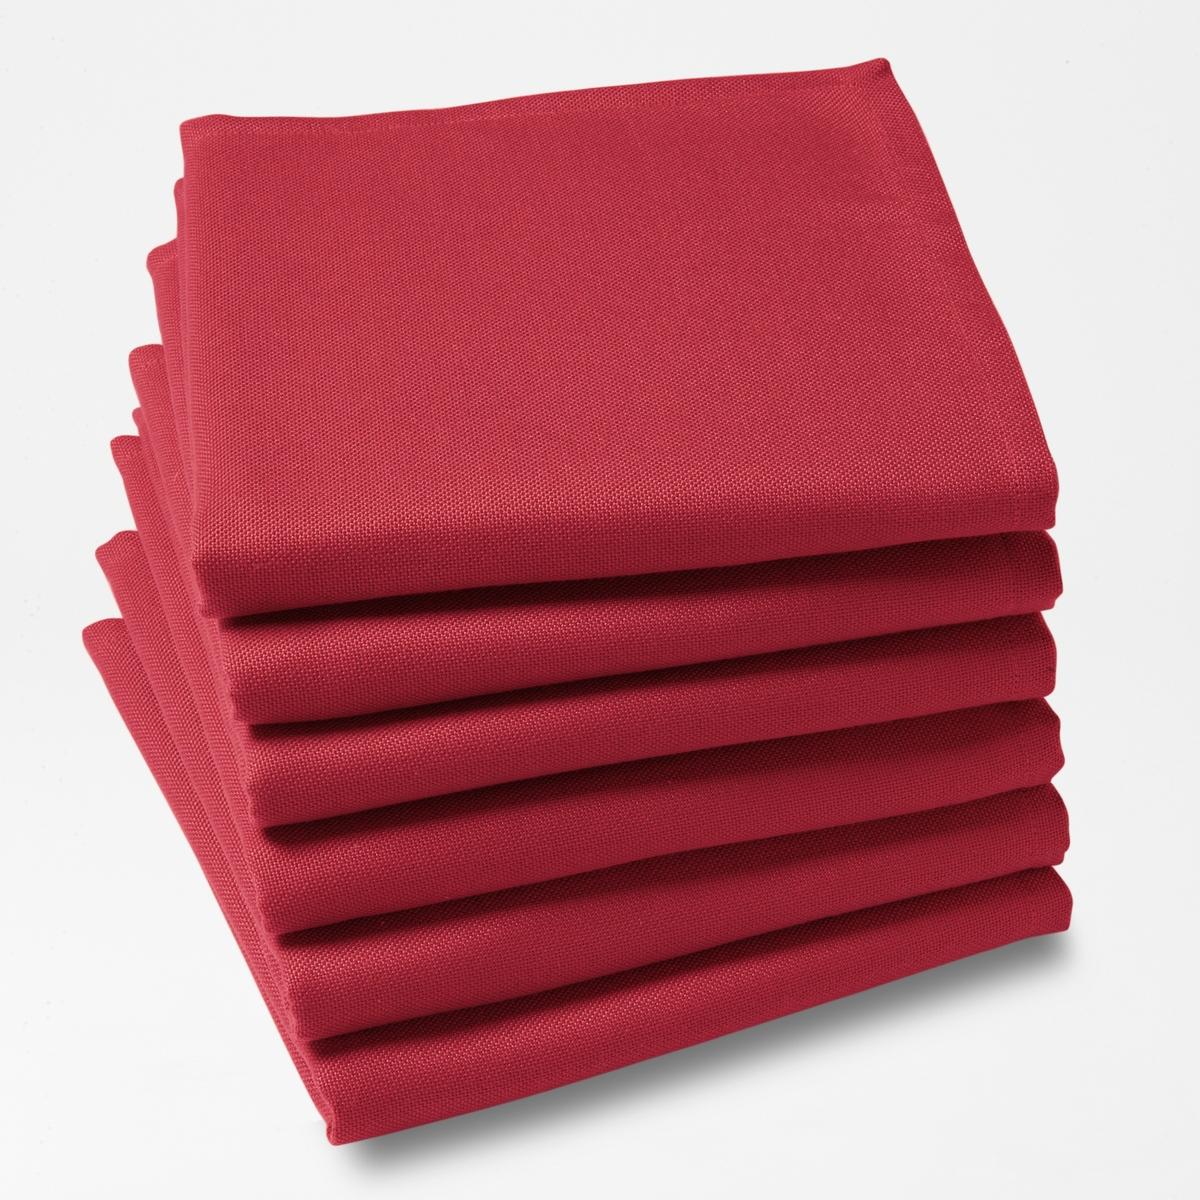 6 салфетокХарактеристики столовых салфеток:100% полиэстера.Покрытие от пятен.Подшитые края. Стирать при 40°.Размер. 45 x 45 см.Знак Oeko-Tex® гарантирует, что товары протестированы и сертифицированы, не содержат вредных веществ, которые могли бы нанести вред здоровью.<br><br>Цвет: белый,красный,розовая пудра,светло-серый,серо-коричневый каштан,серый,сине-зеленый<br>Размер: 45 x 45  см.45 x 45  см.45 x 45  см.45 x 45  см